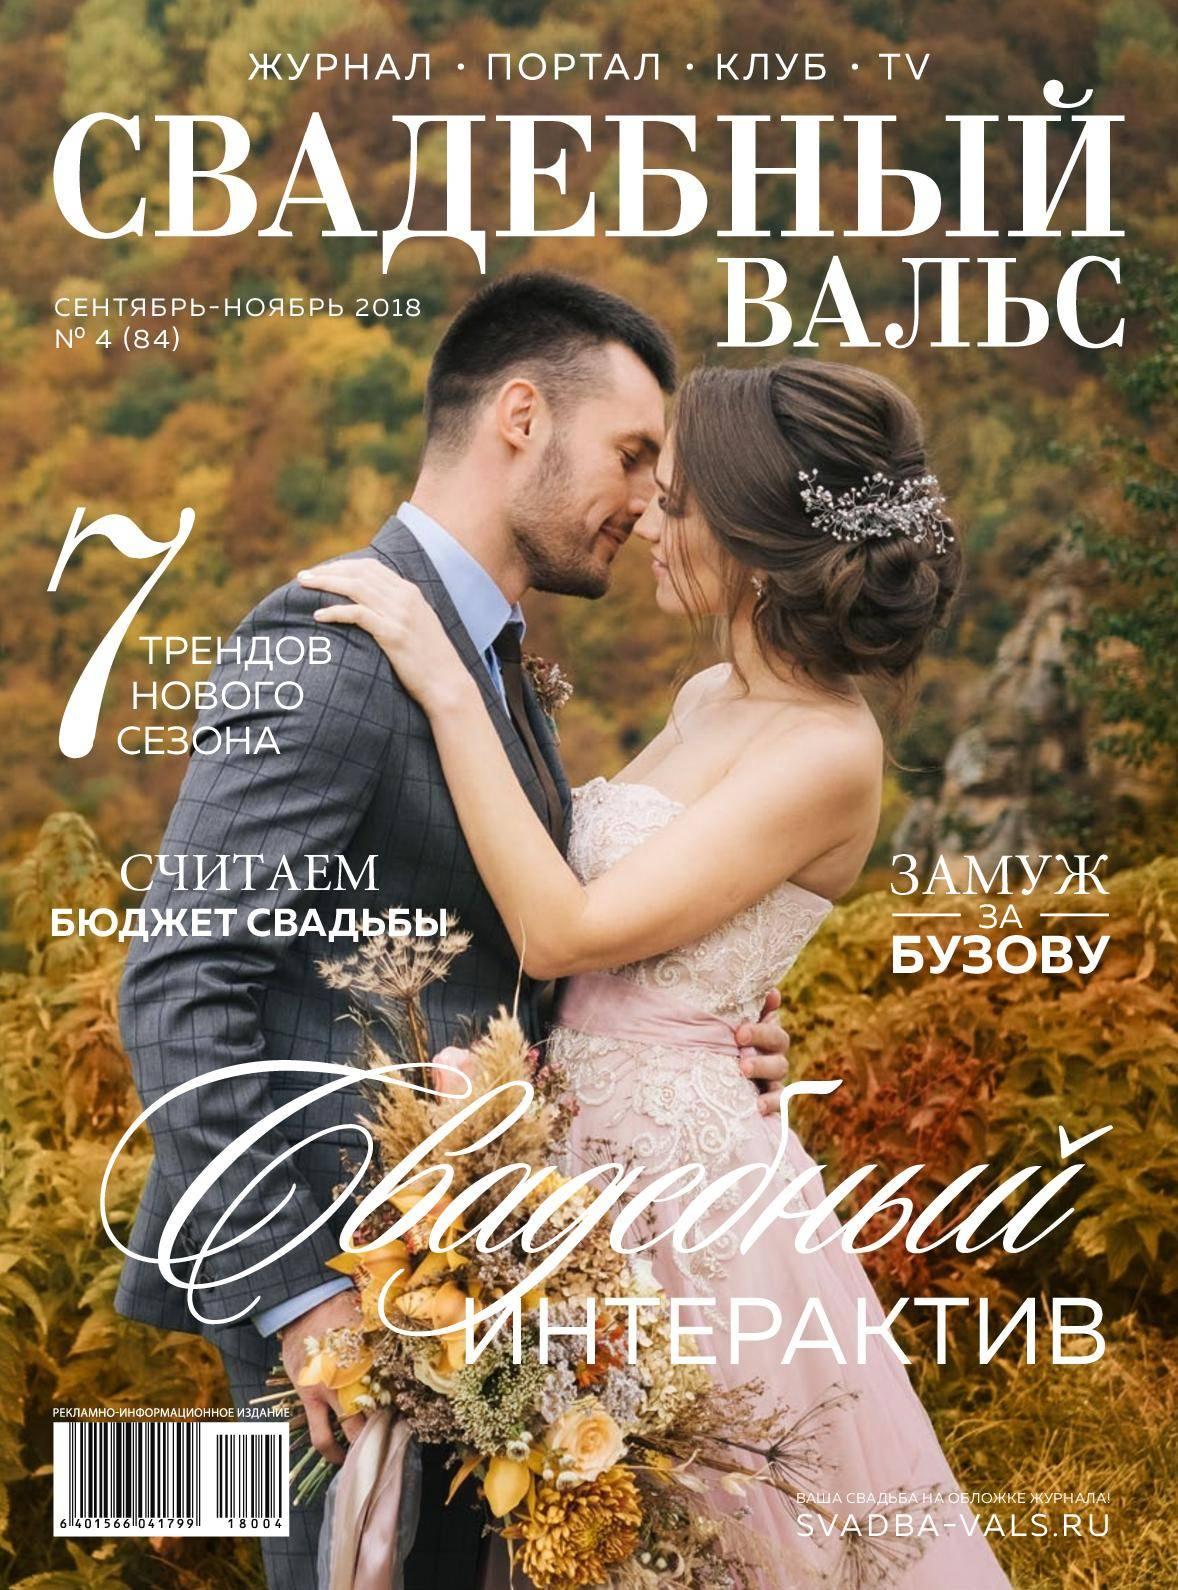 Оформление свадьбы: варианты декора свадебного торжества (фото)